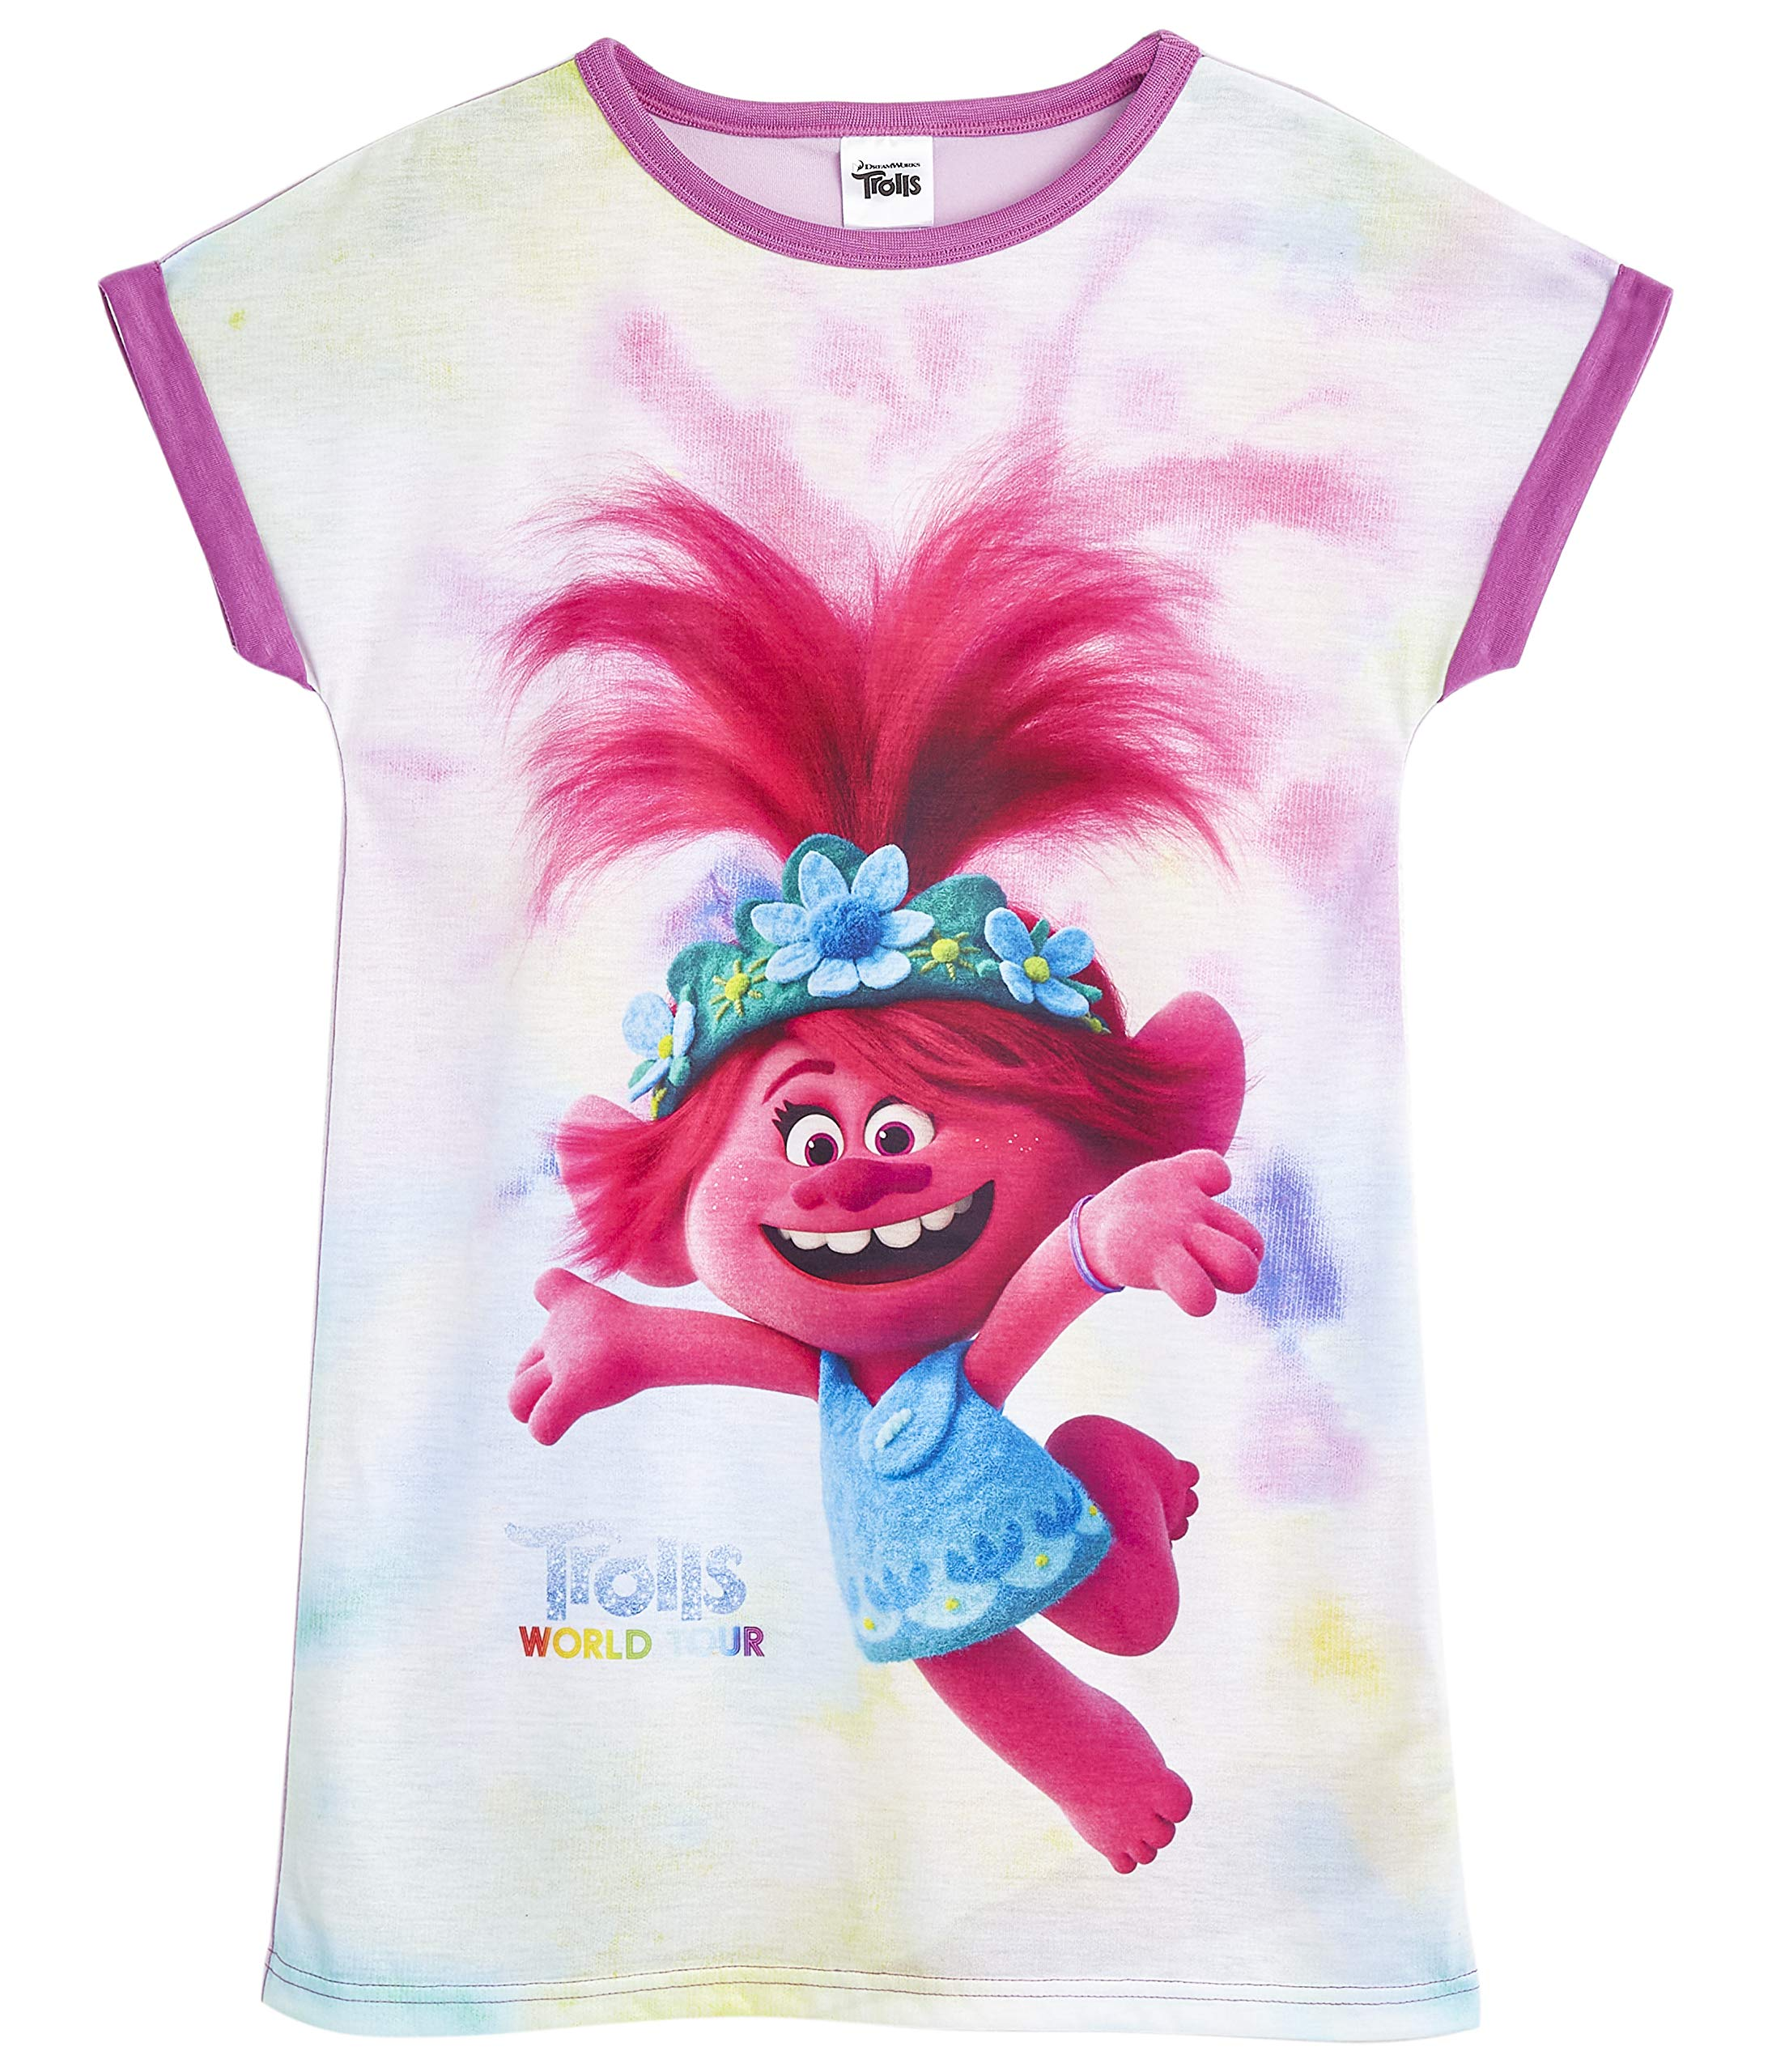 Girls LOL Surprise Dolls Nightdress Kids Character Nighty Nightie Nightwear